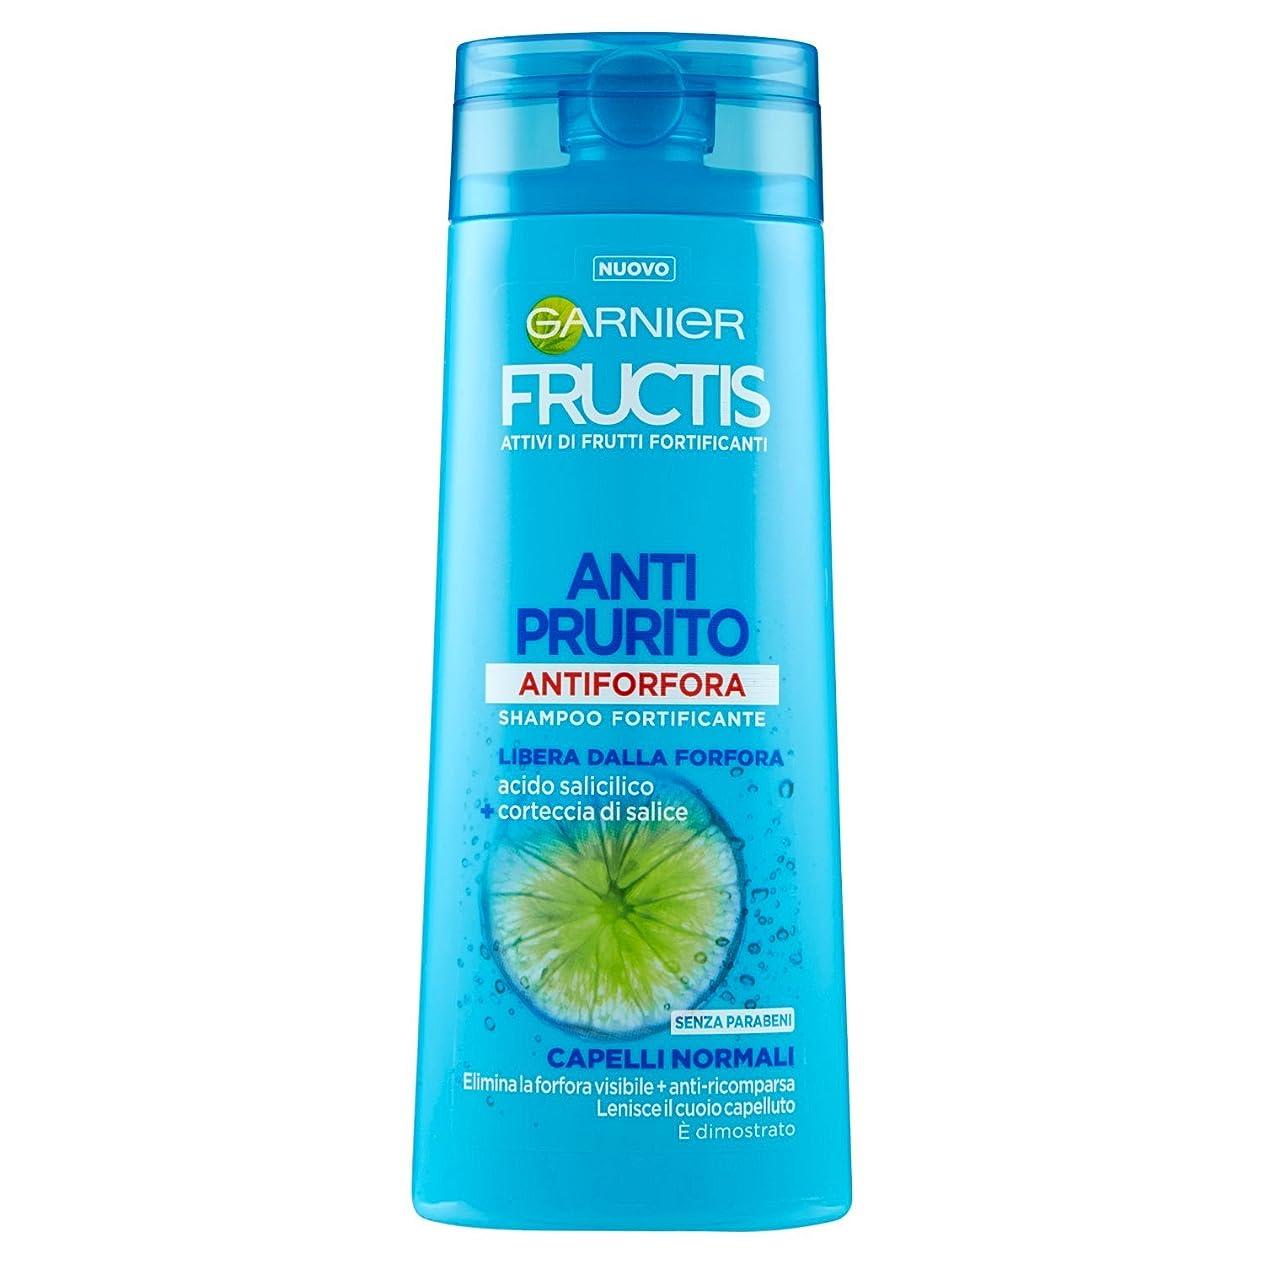 真剣にスカルクグラムガルニエFructis anti-prurito Antiforforaシャンプー(通常髪用)250 ml